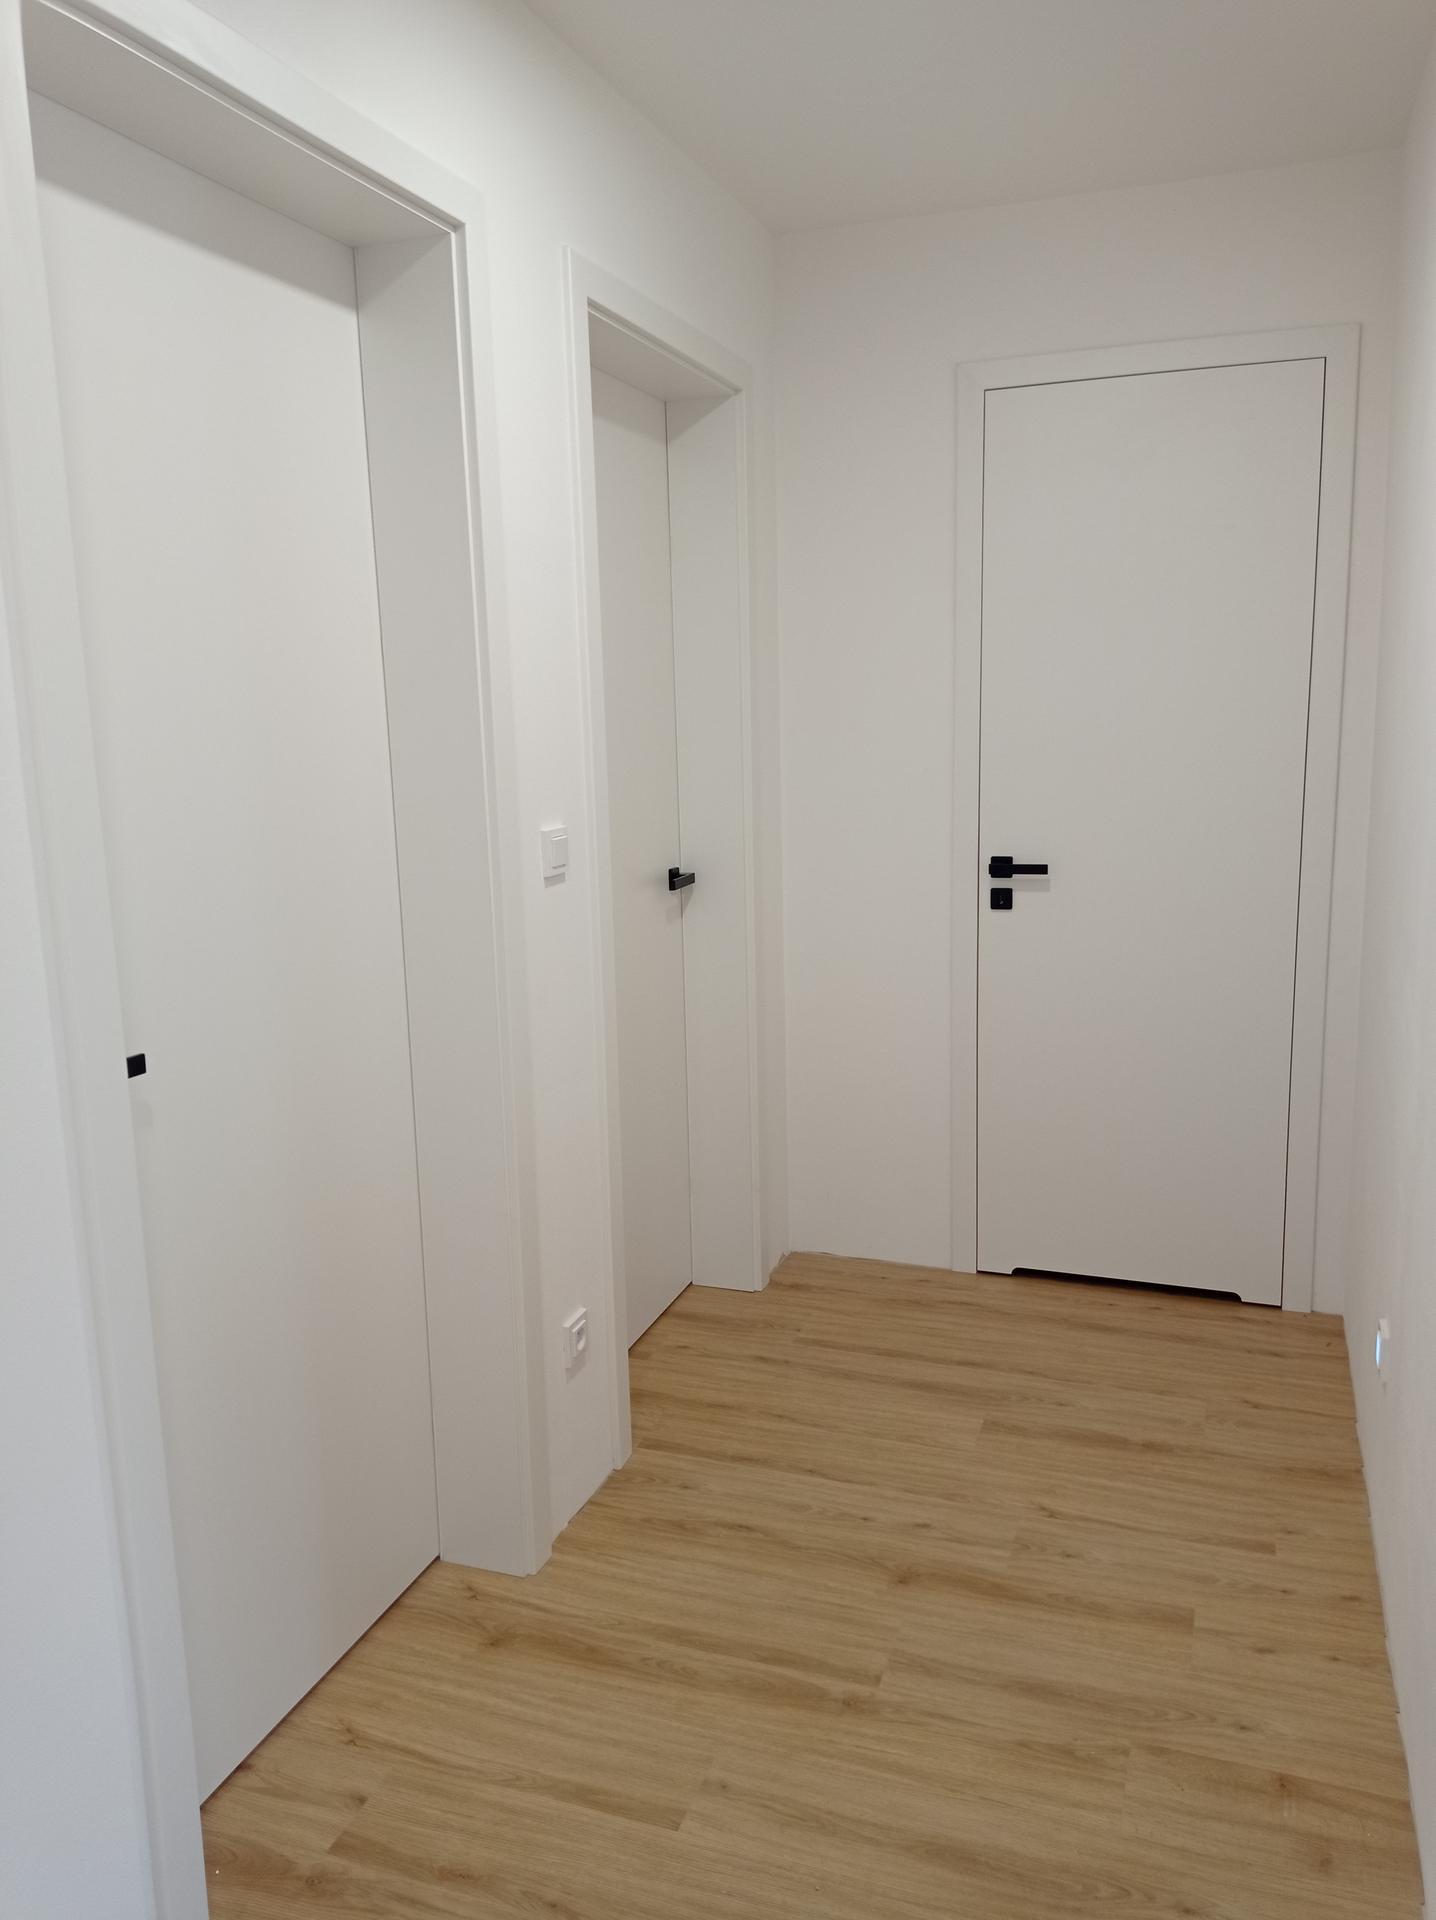 Stavíme domeček - Dveře Sapeli -výška 215cm 😍